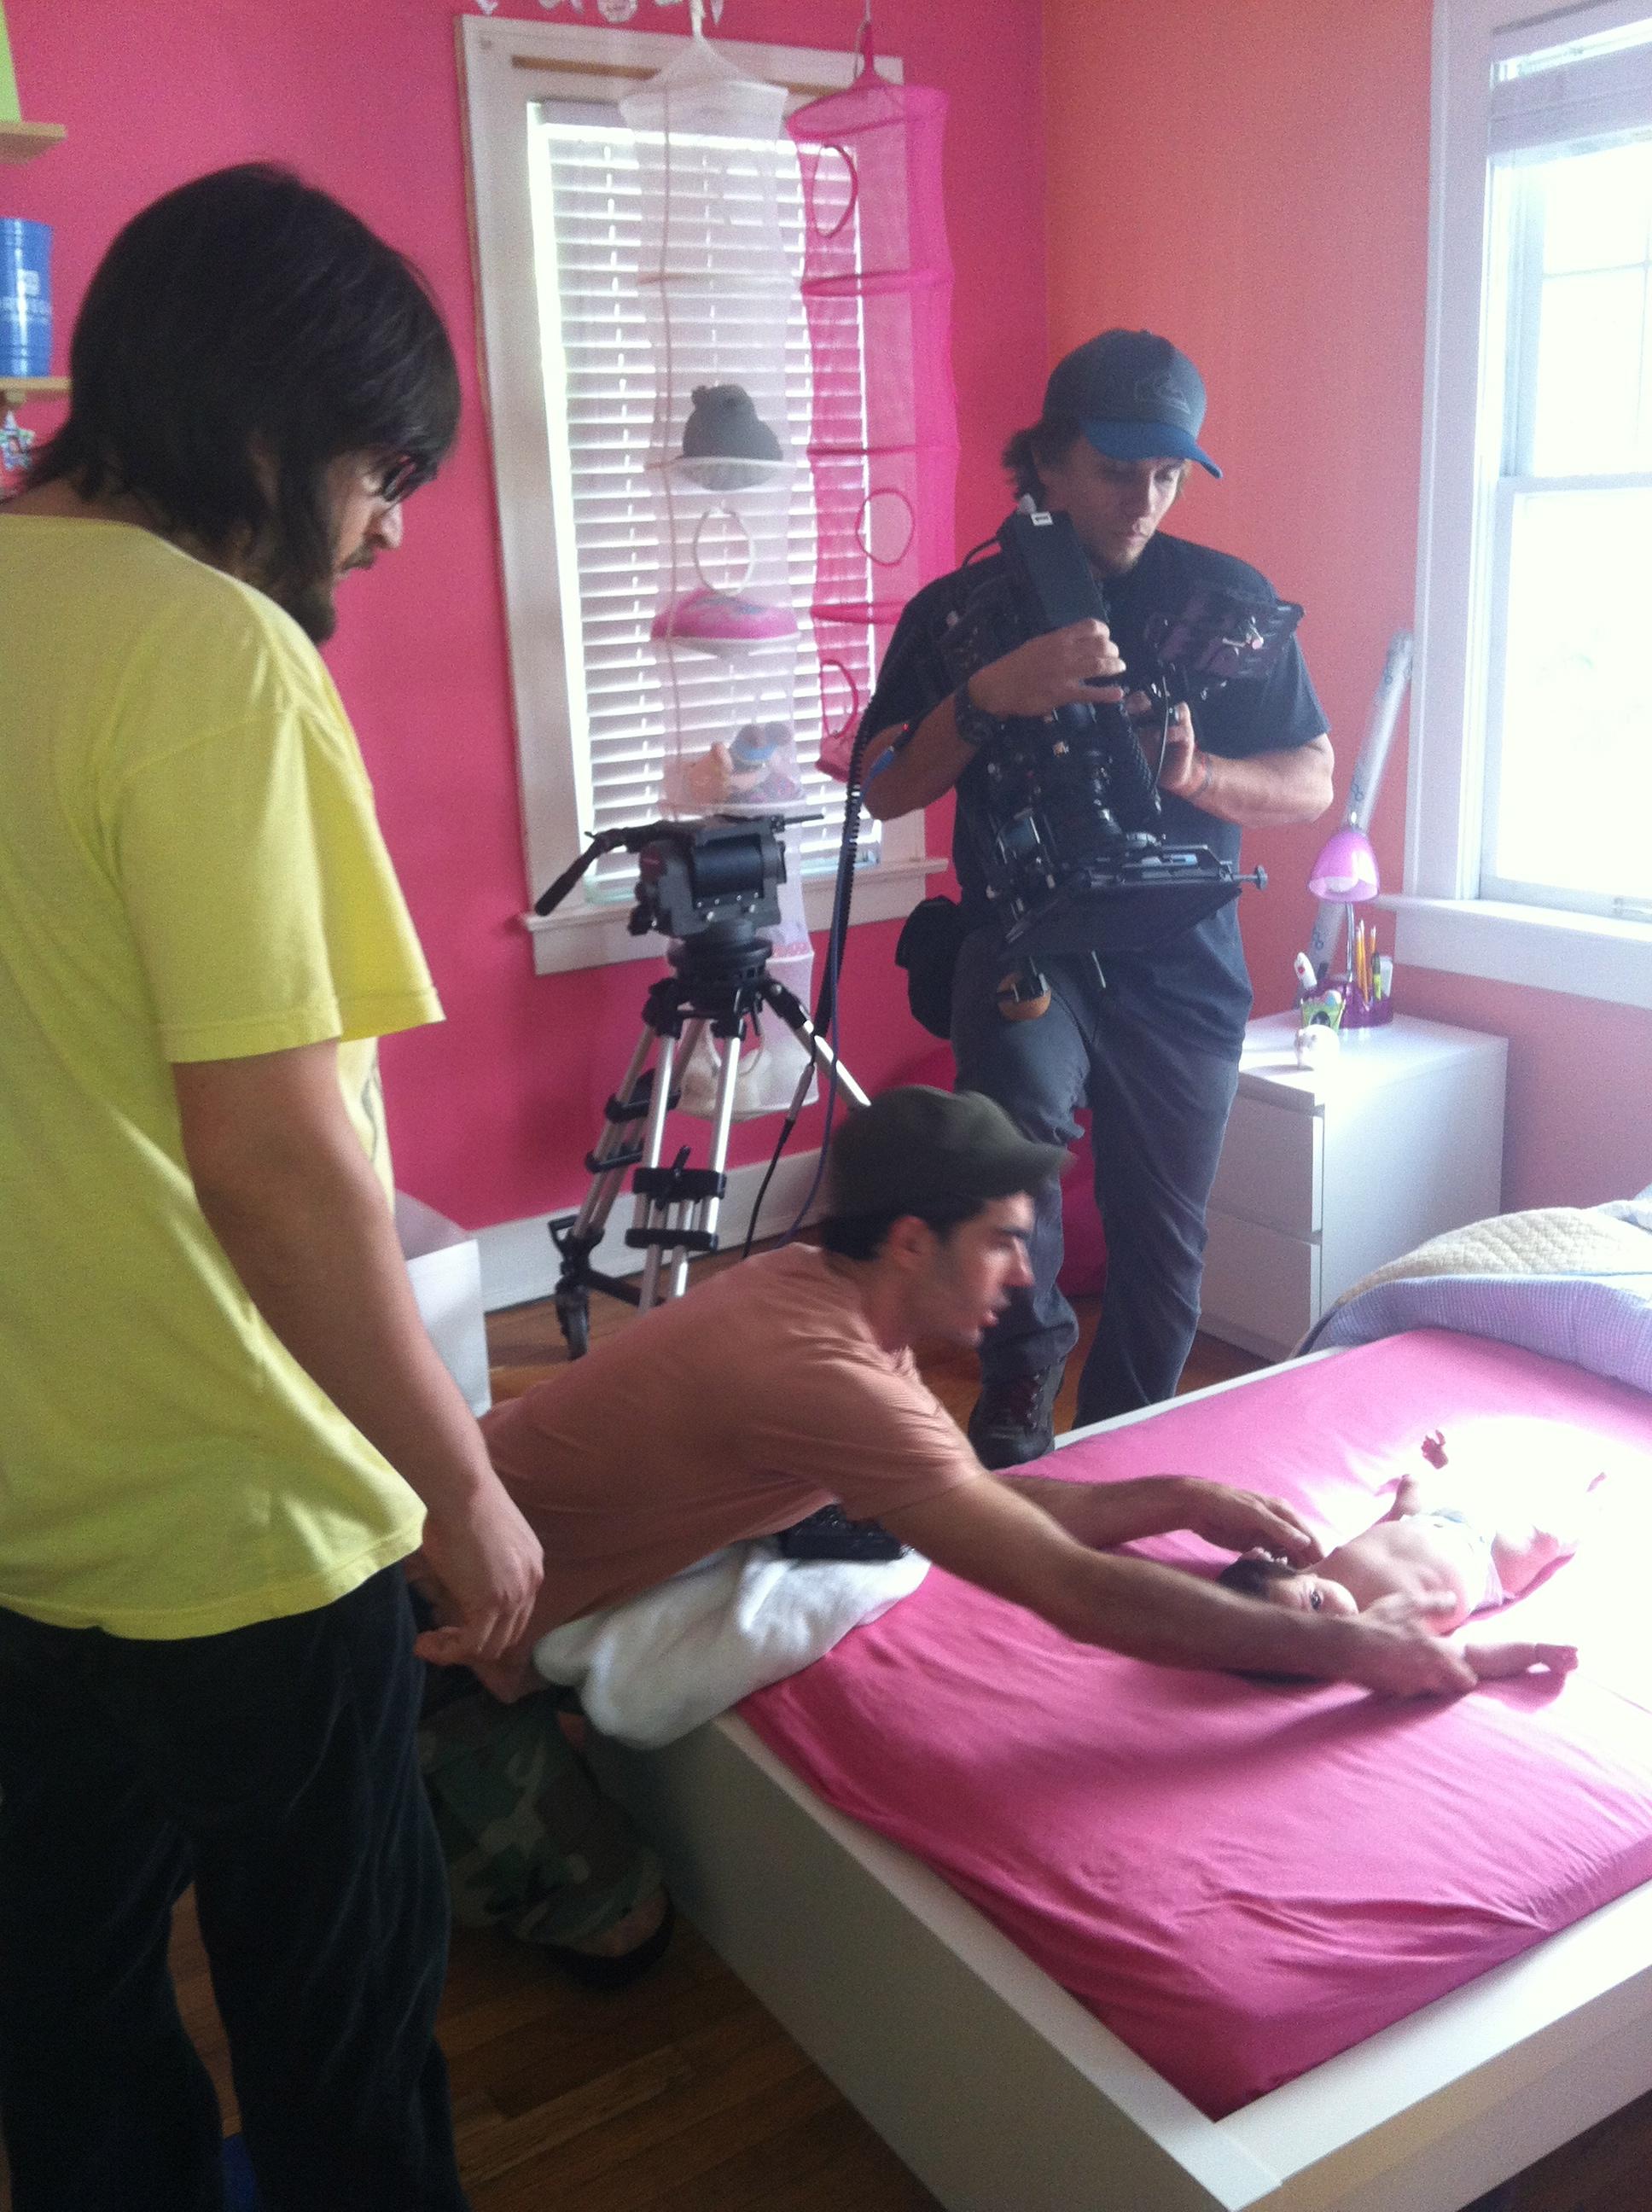 Promo Campaing Quiero my baby,MTV3